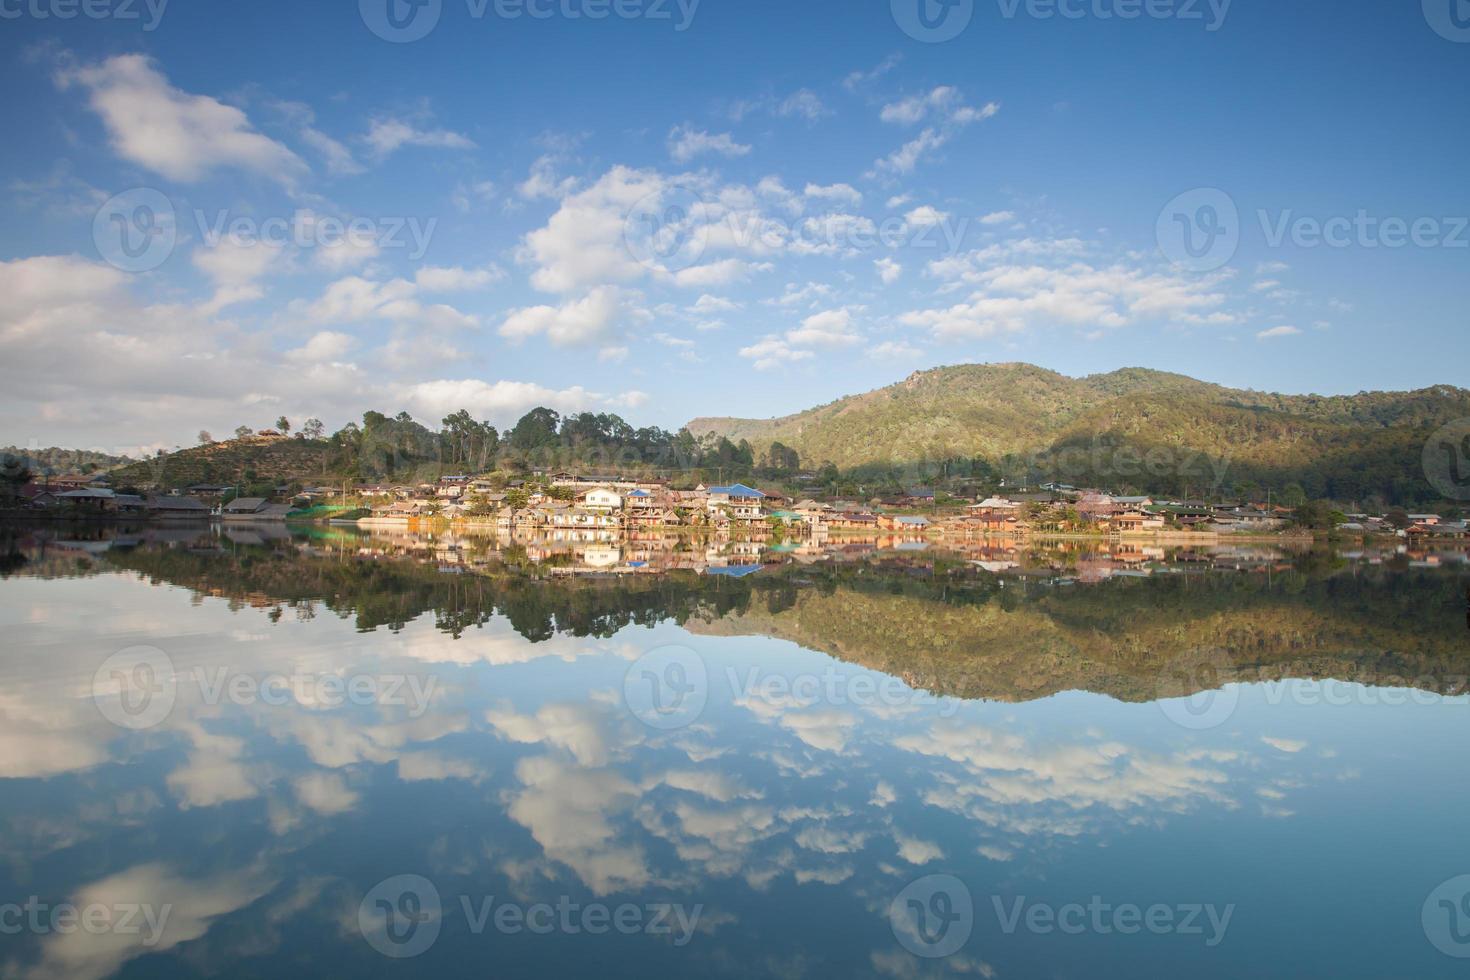 villaggio su una montagna riflessa nell'acqua foto